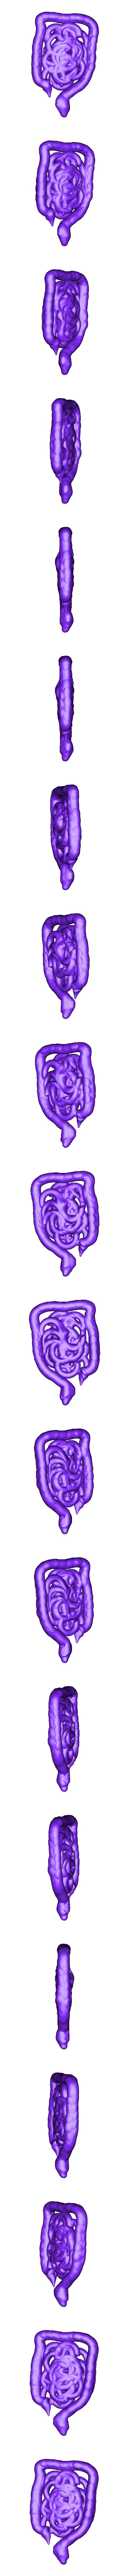 bowel.stl Télécharger fichier STL gratuit Squelette humain • Objet imprimable en 3D, Cornbald